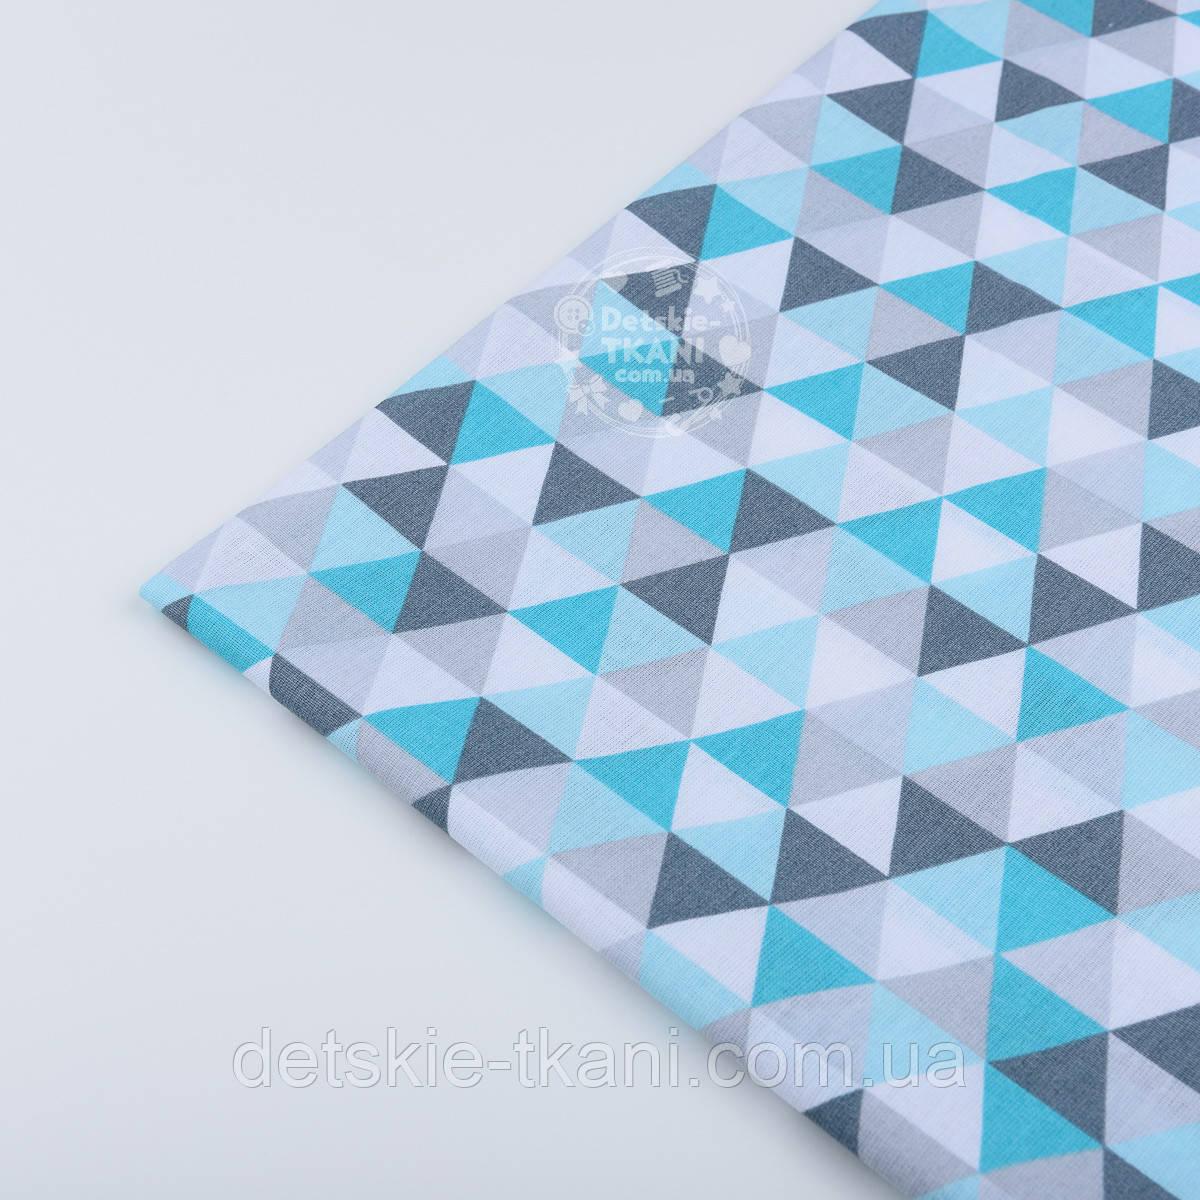 Отрез ткани с бирюзовыми и серыми треугольниками 25 мм, №1293 размер 70*160